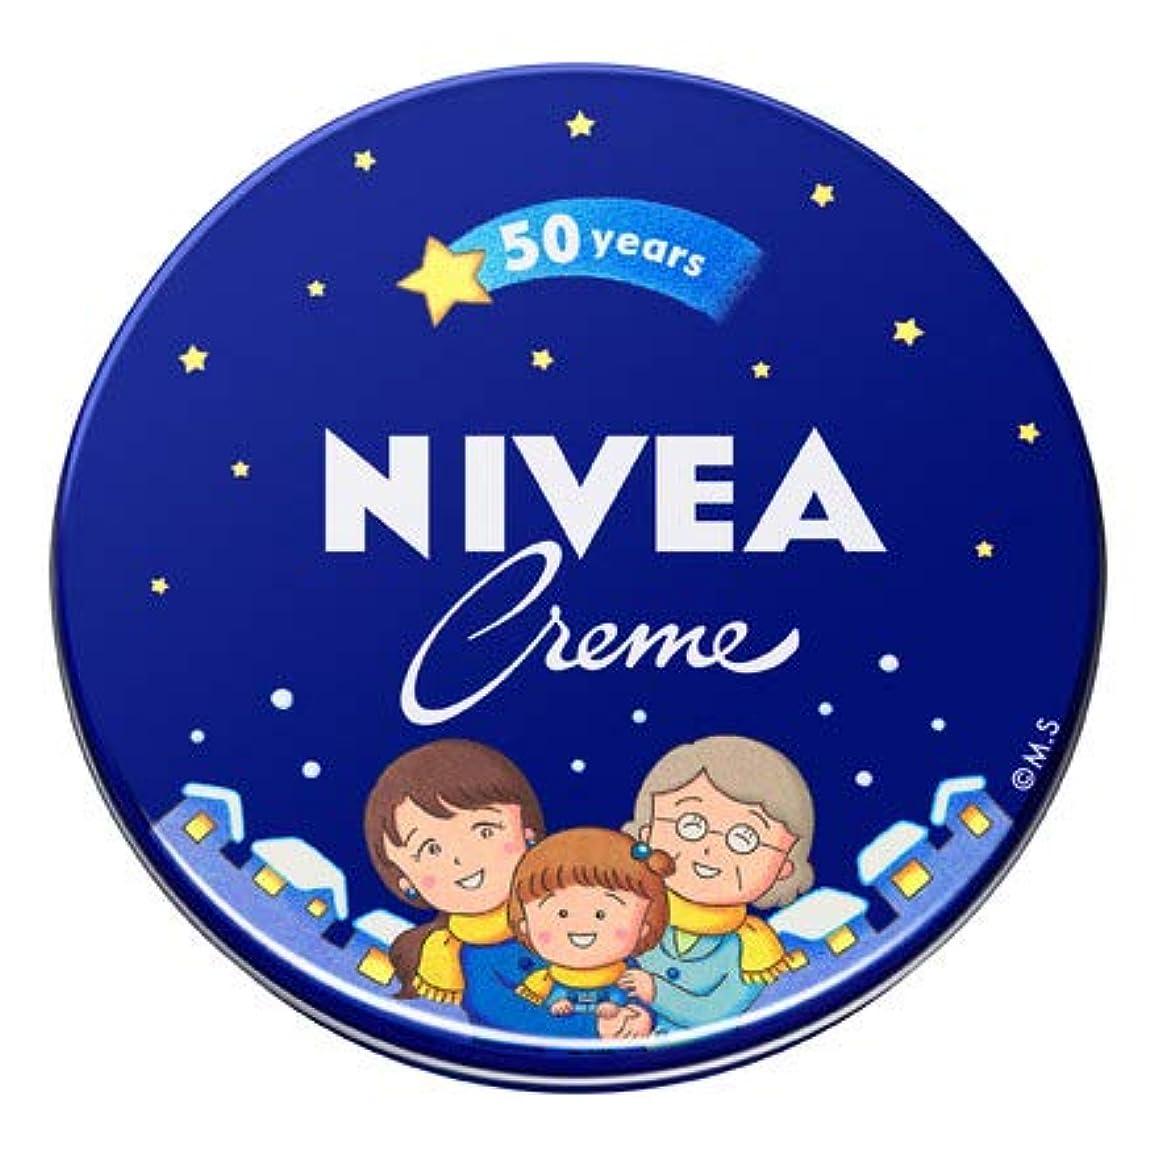 現在スパーク具体的にNIVEA ニベアクリーム 中缶 56g さくらももこ限定デザイン